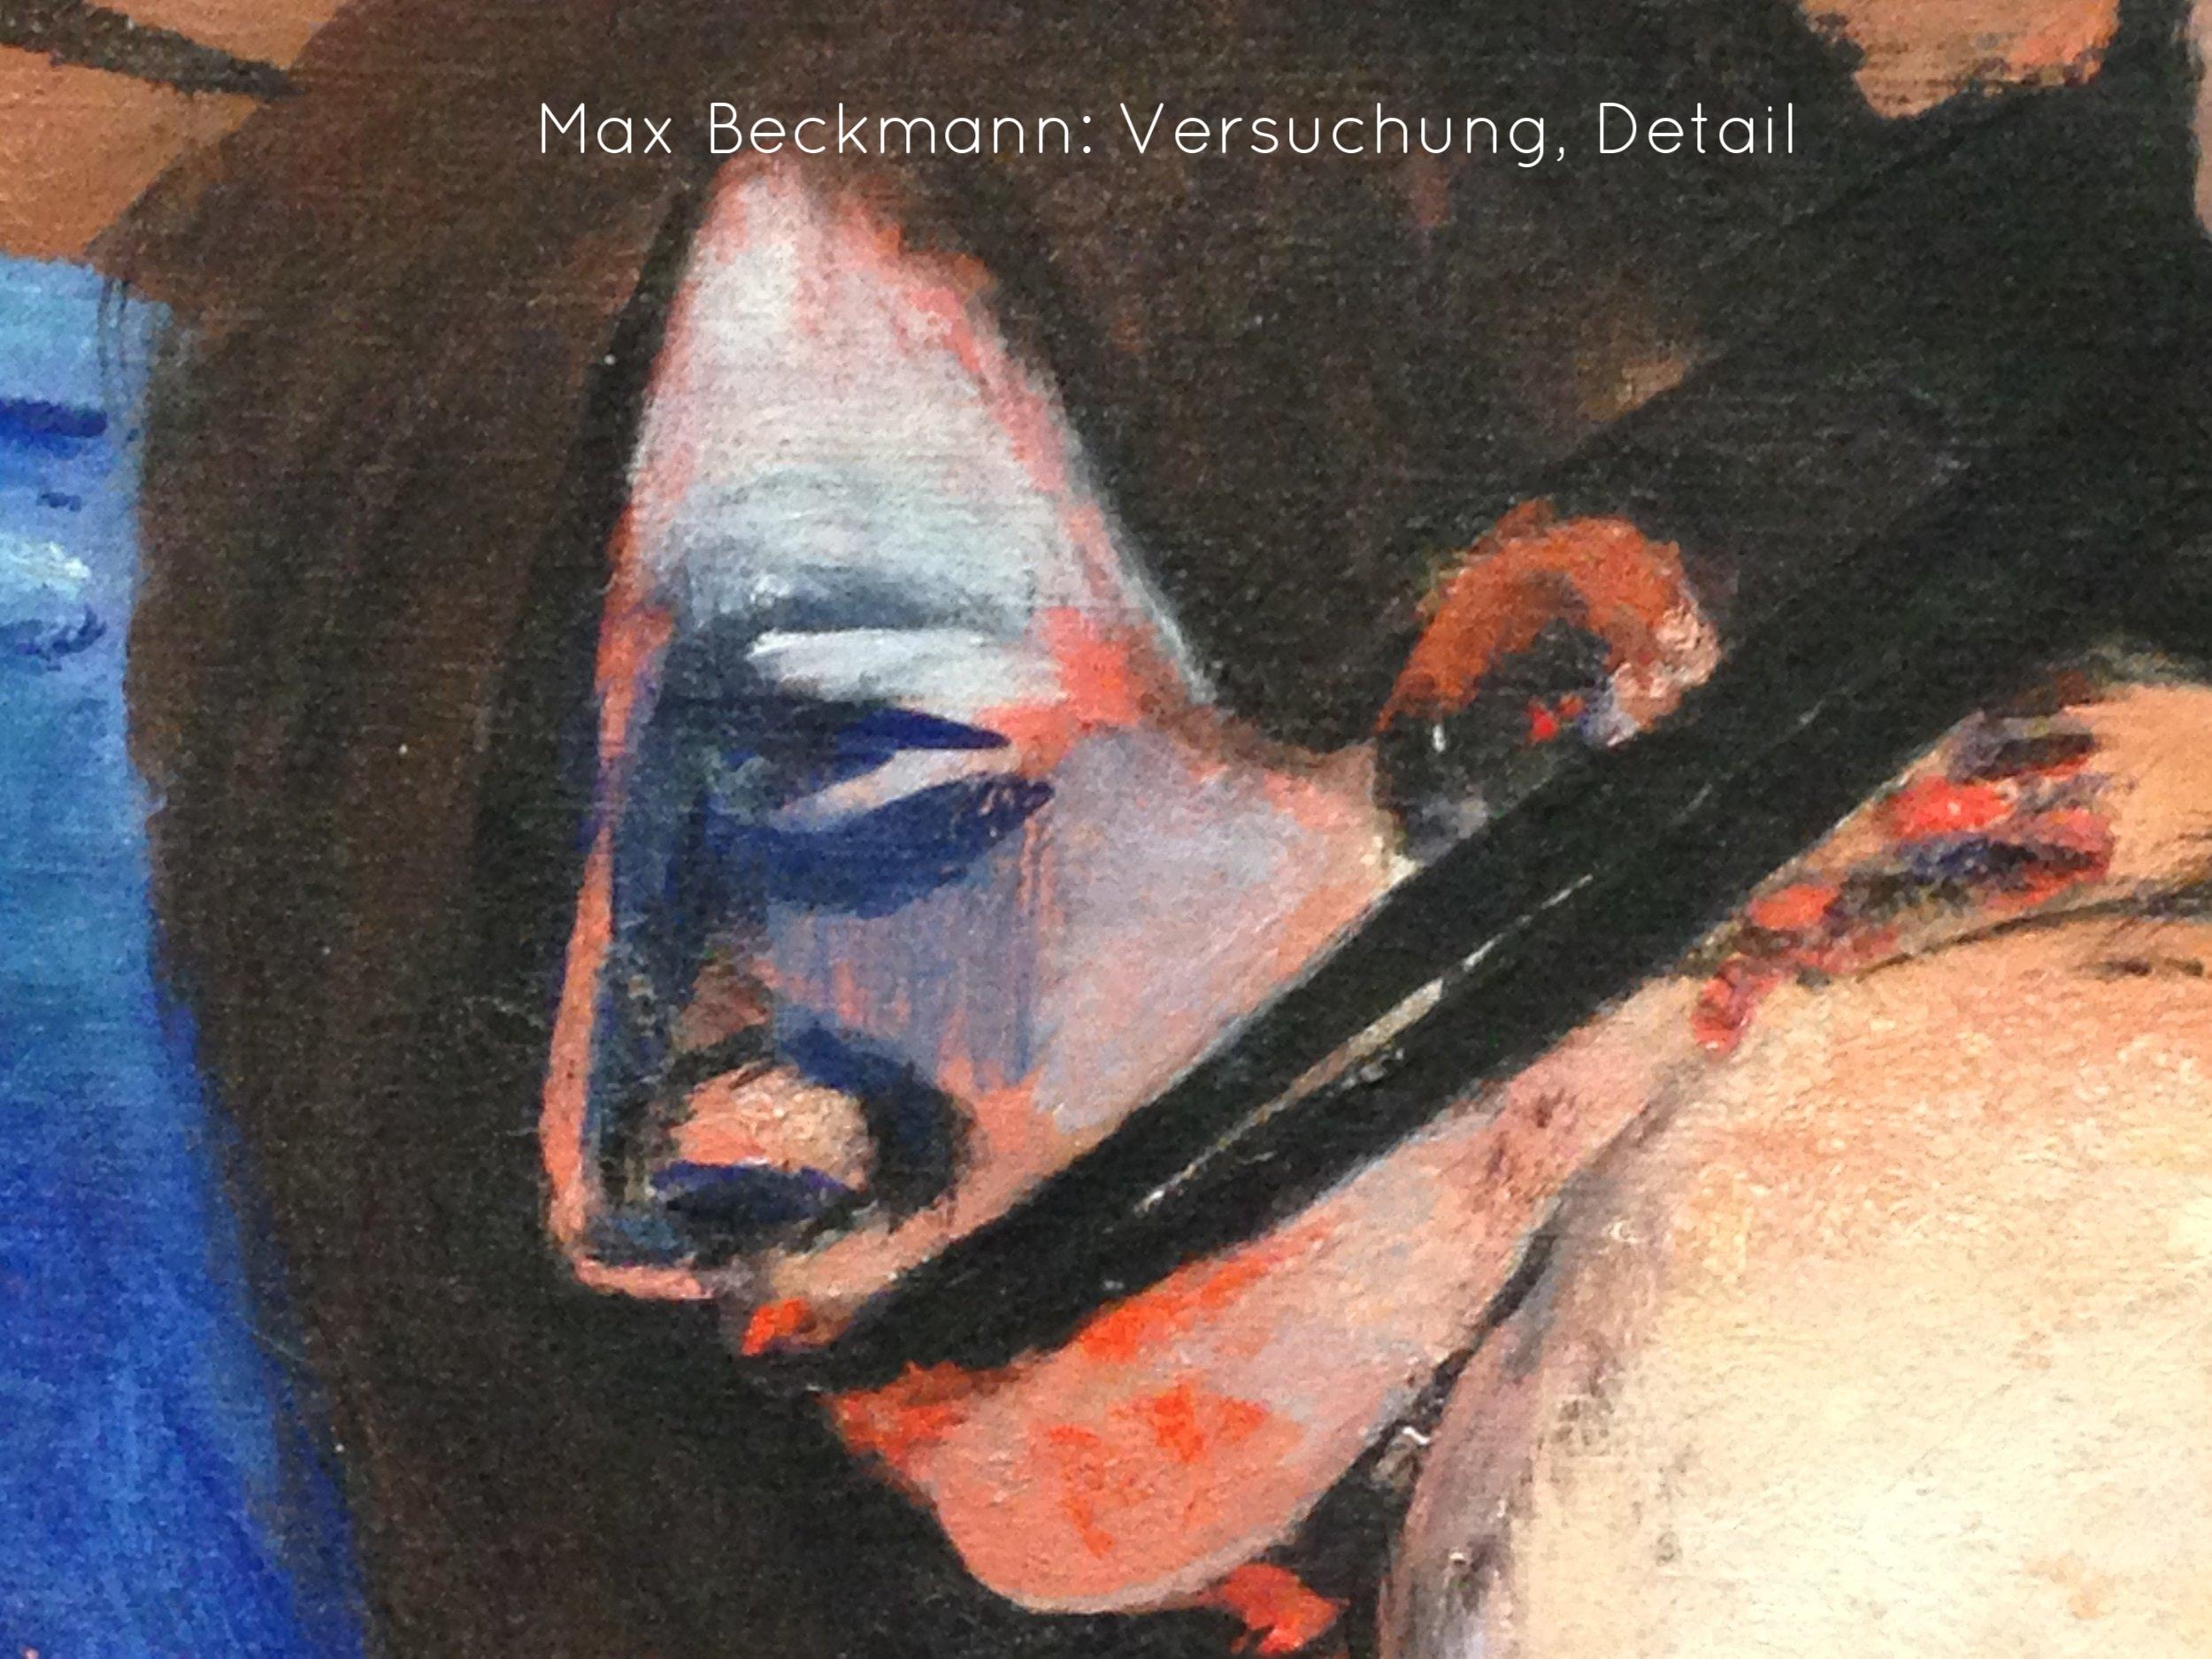 Max Beckmann Versuchung X.jpg